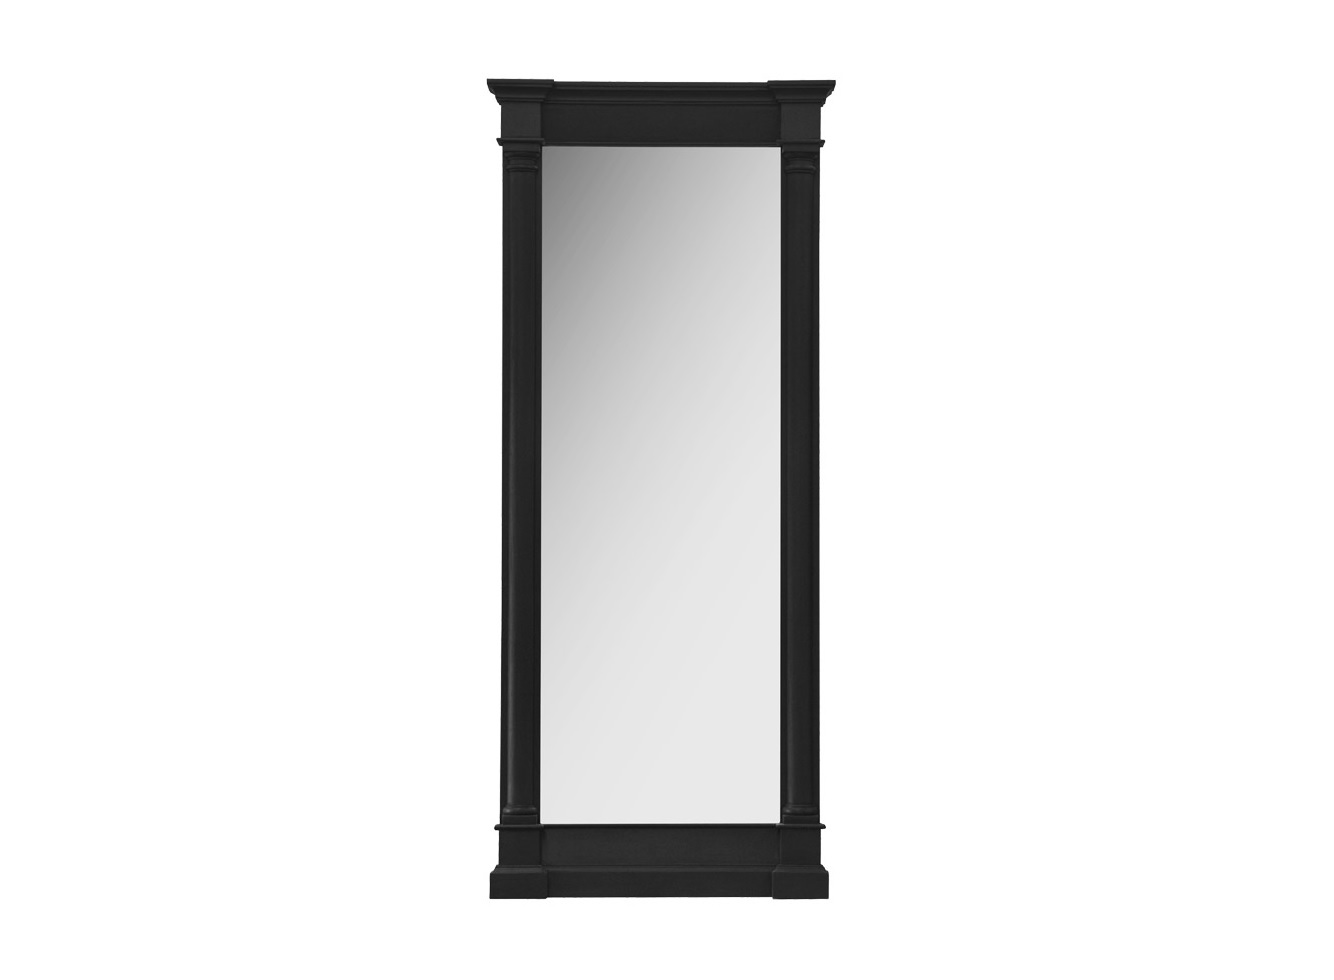 Зеркало Destiny mirrorНастенные зеркала<br>&amp;quot;Destiny Mirror&amp;quot; ? зеркало, в оформлении которого нет ничего лишнего. Настенный декор прямоугольного силуэта выполнен в английском стиле, полном элегантной роскоши. Деревянная рама из черного дерева придает его облику благородство, величественность и некоторую загадочность. Единственными украшениями строгих пропорций выступают резные элементы, которые придают изюминку аскетичному дизайну.<br><br>Material: Дерево<br>Ширина см: 87<br>Высота см: 204<br>Глубина см: 12